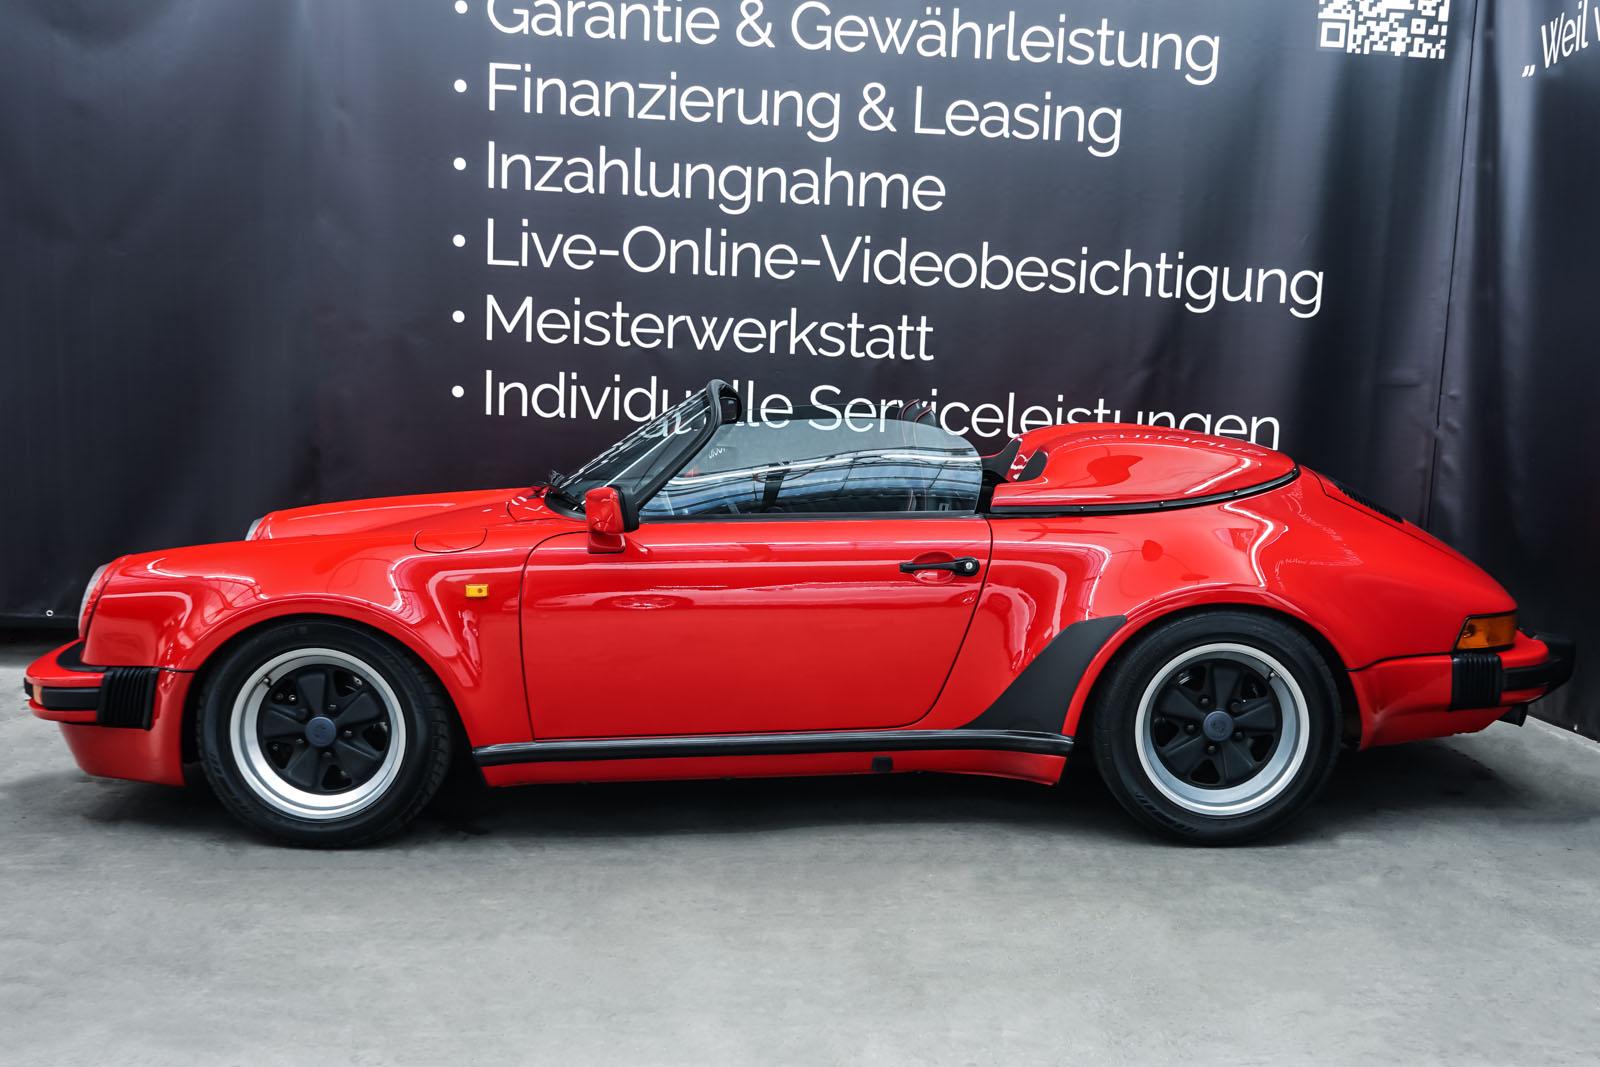 Porsche_911_Speedster_Rot_Schwarz_POR-2352_6_w